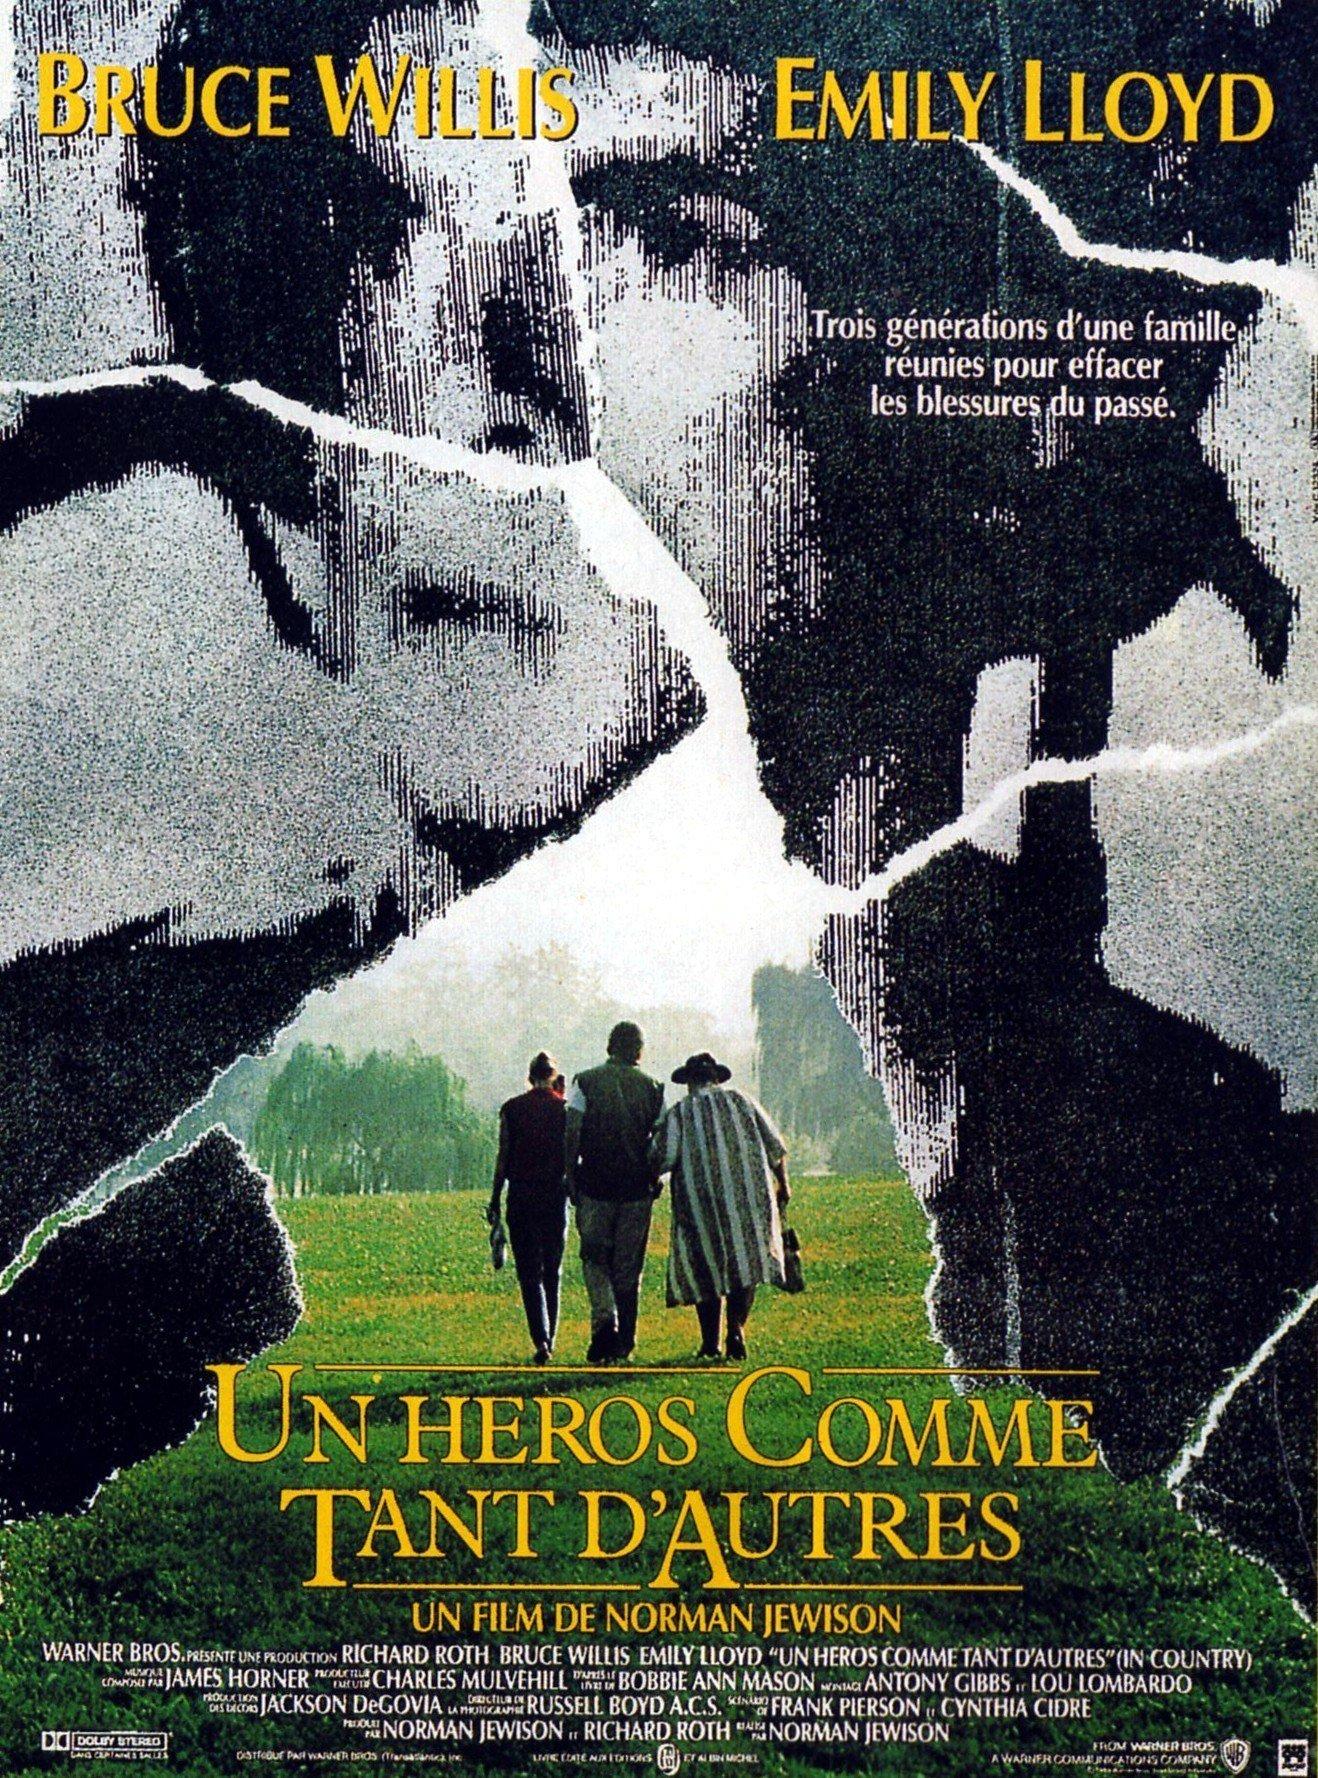 affiche du film Un héros comme tant d'autres